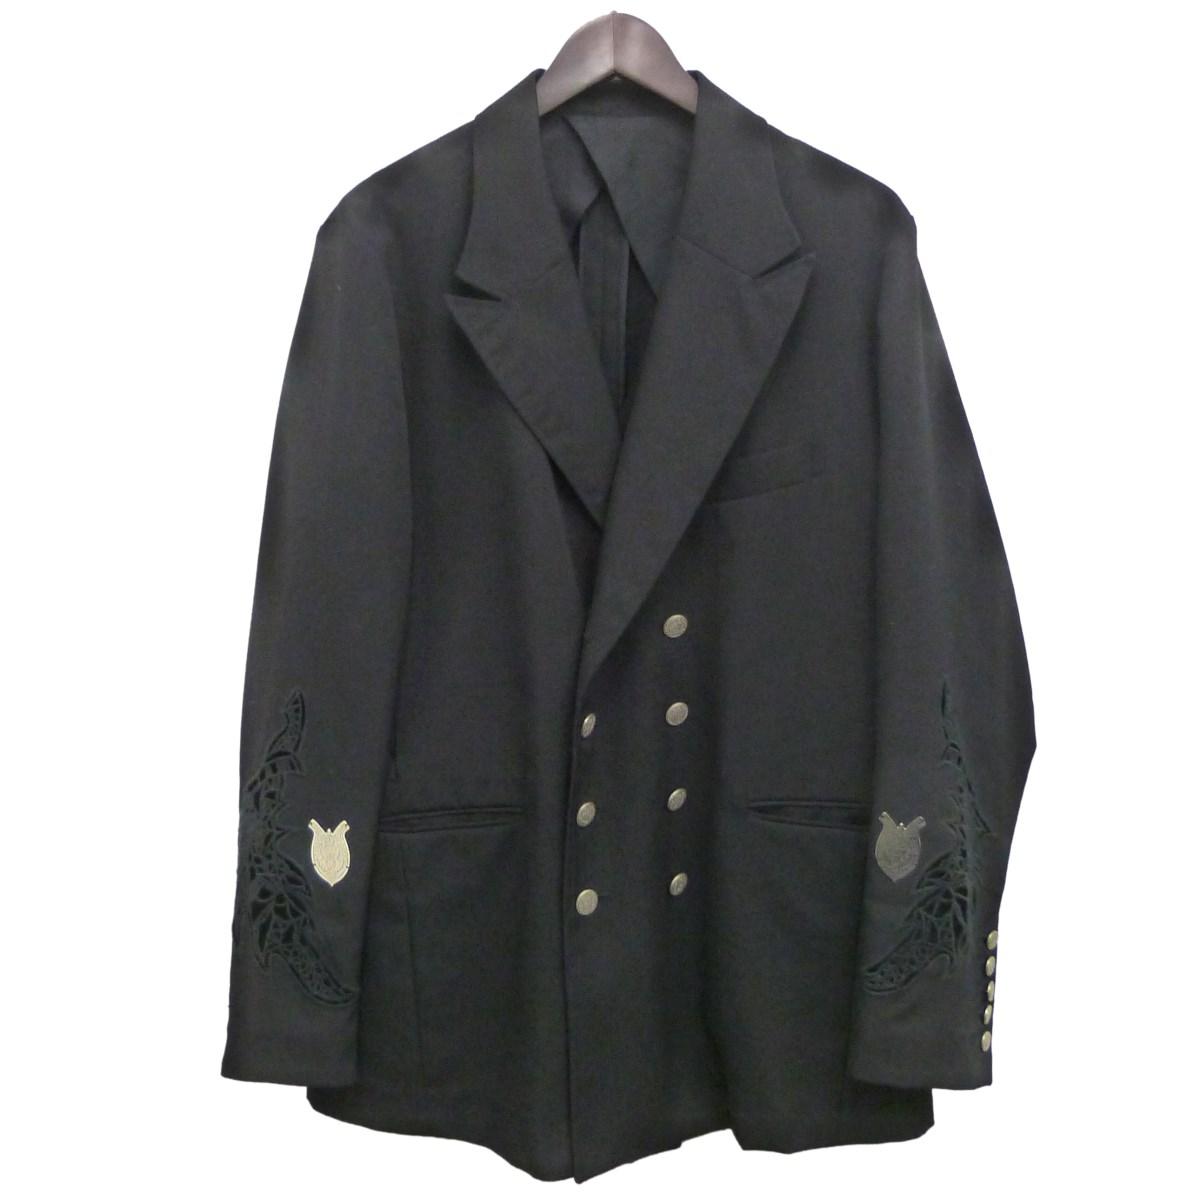 【中古】BED J.W. FORD 19SS「Double Jacket」ダブルジャケット ブラック サイズ:2 【250220】(ベッドフォード)